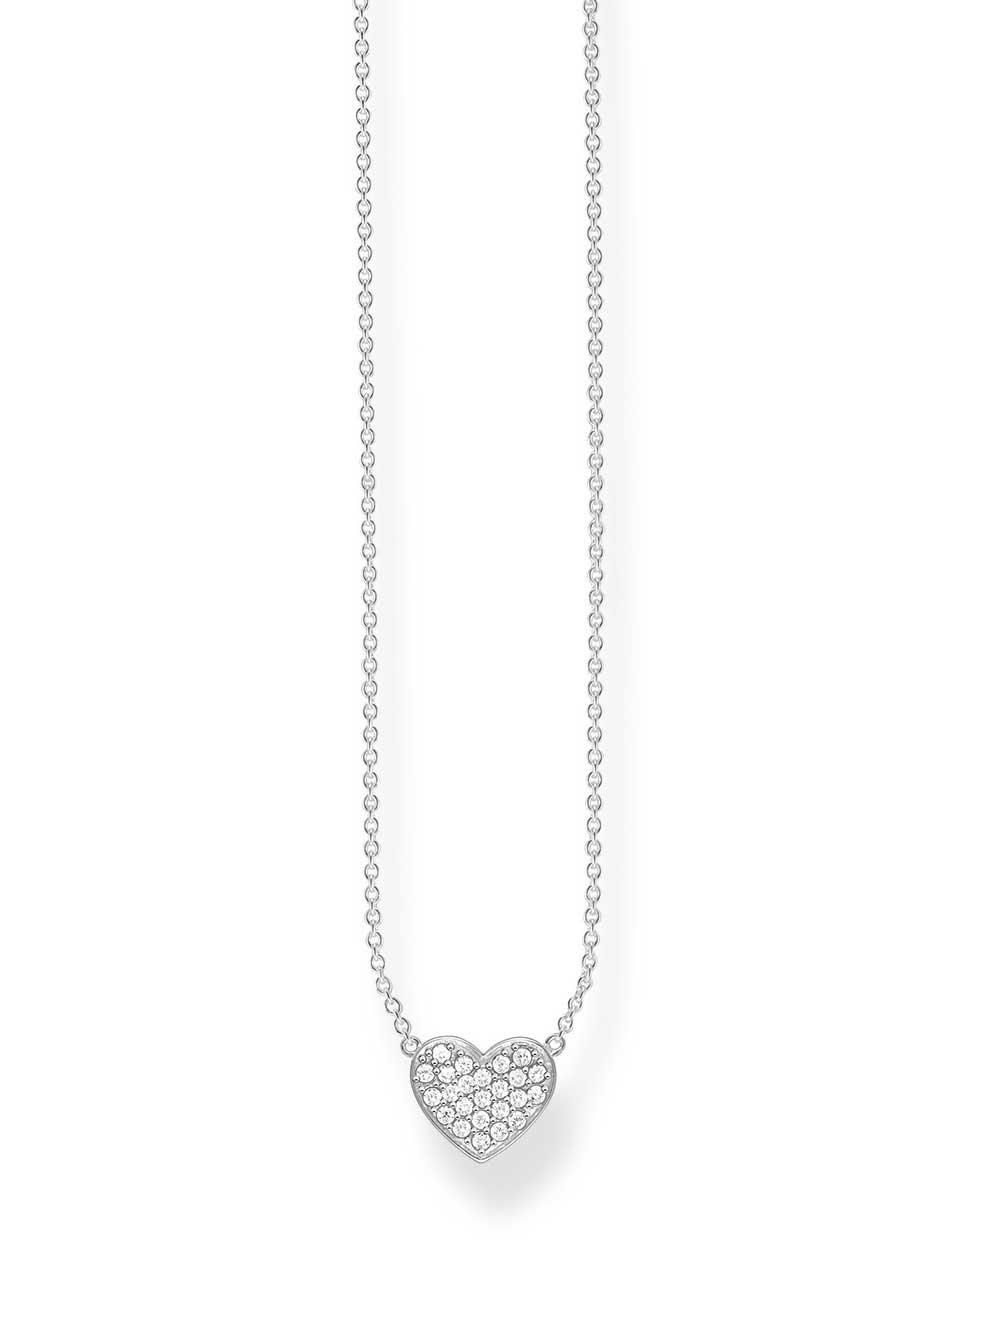 Thomas Sabo Halskette KE1547-051-14 925er mit Anhänger Herz 40-45cm